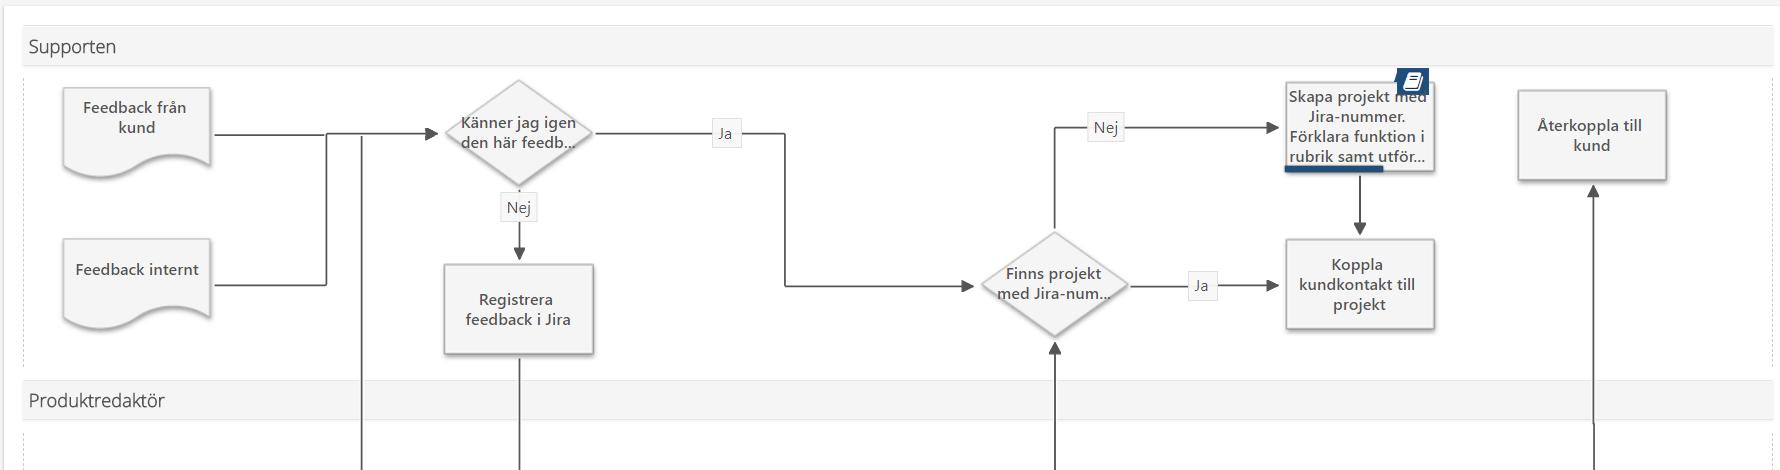 Bild på en processkarta som InfoCaptions support följer.